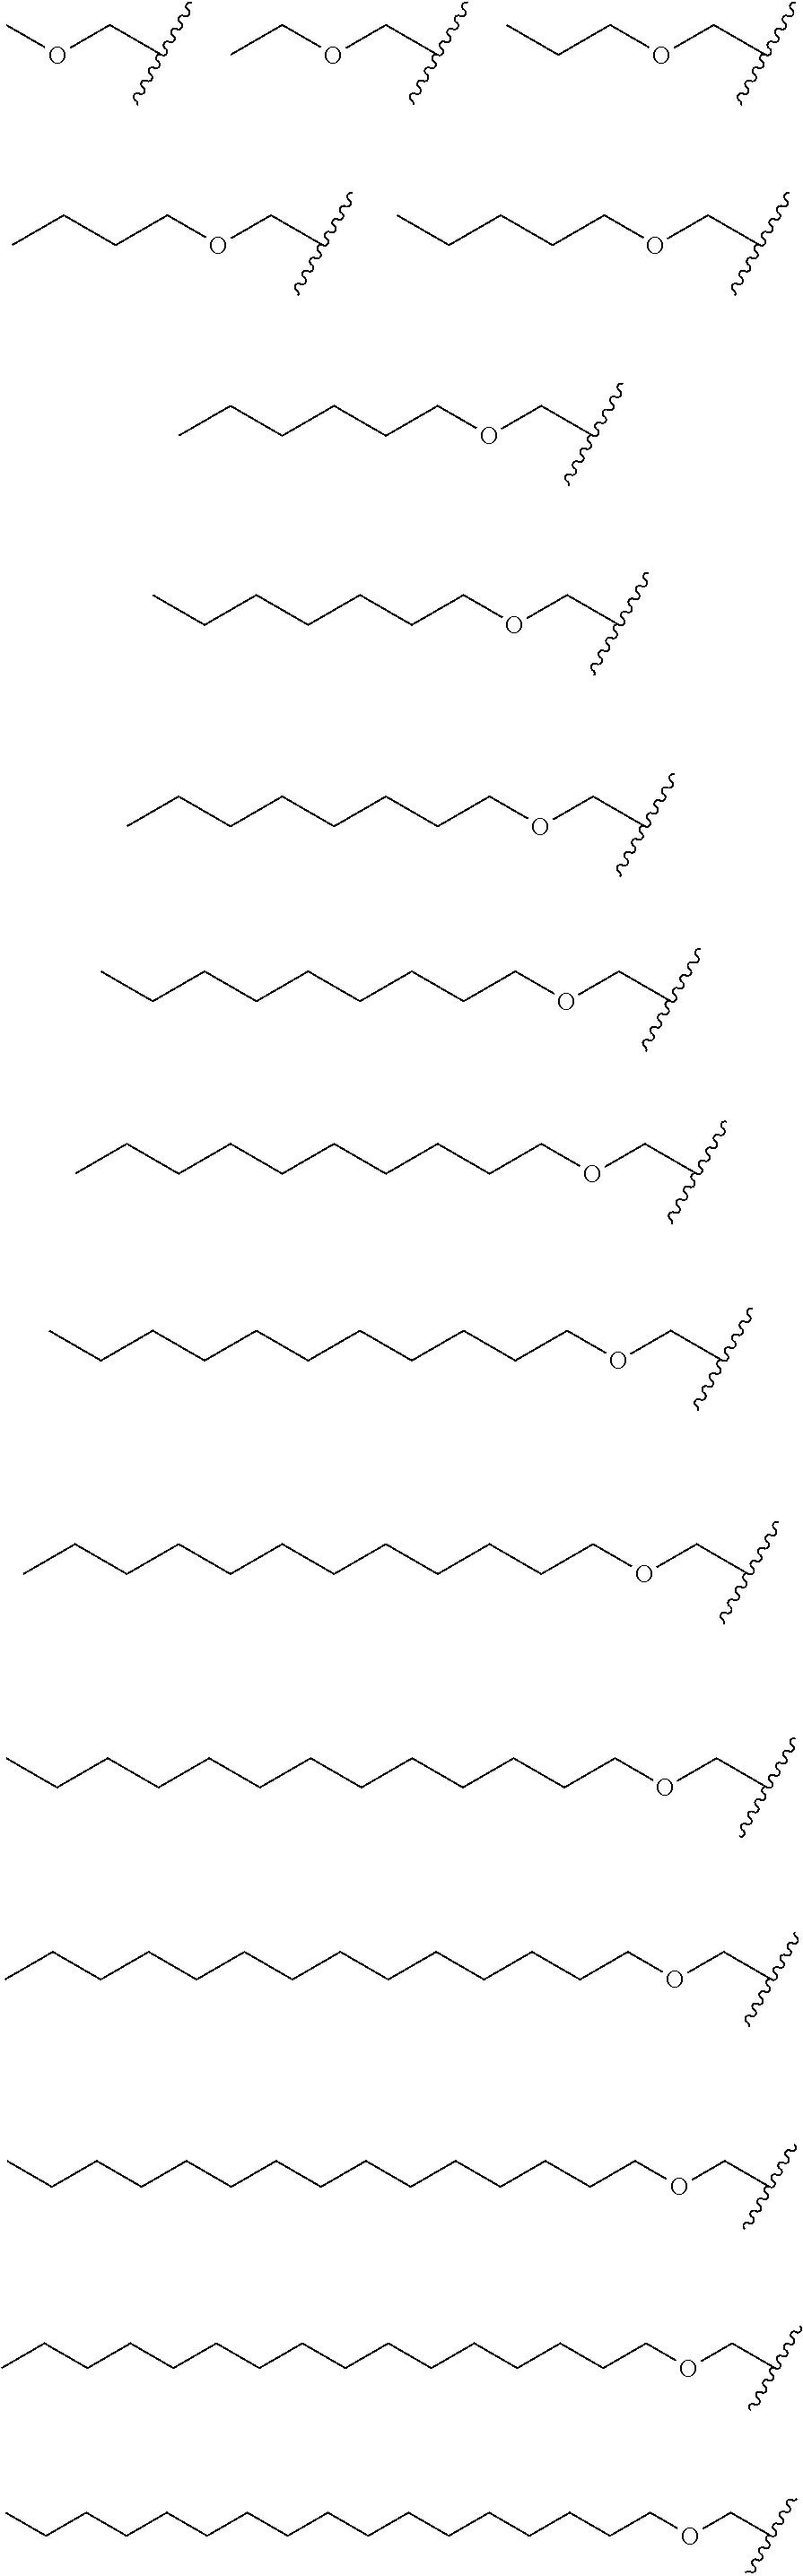 Figure US08969353-20150303-C00141